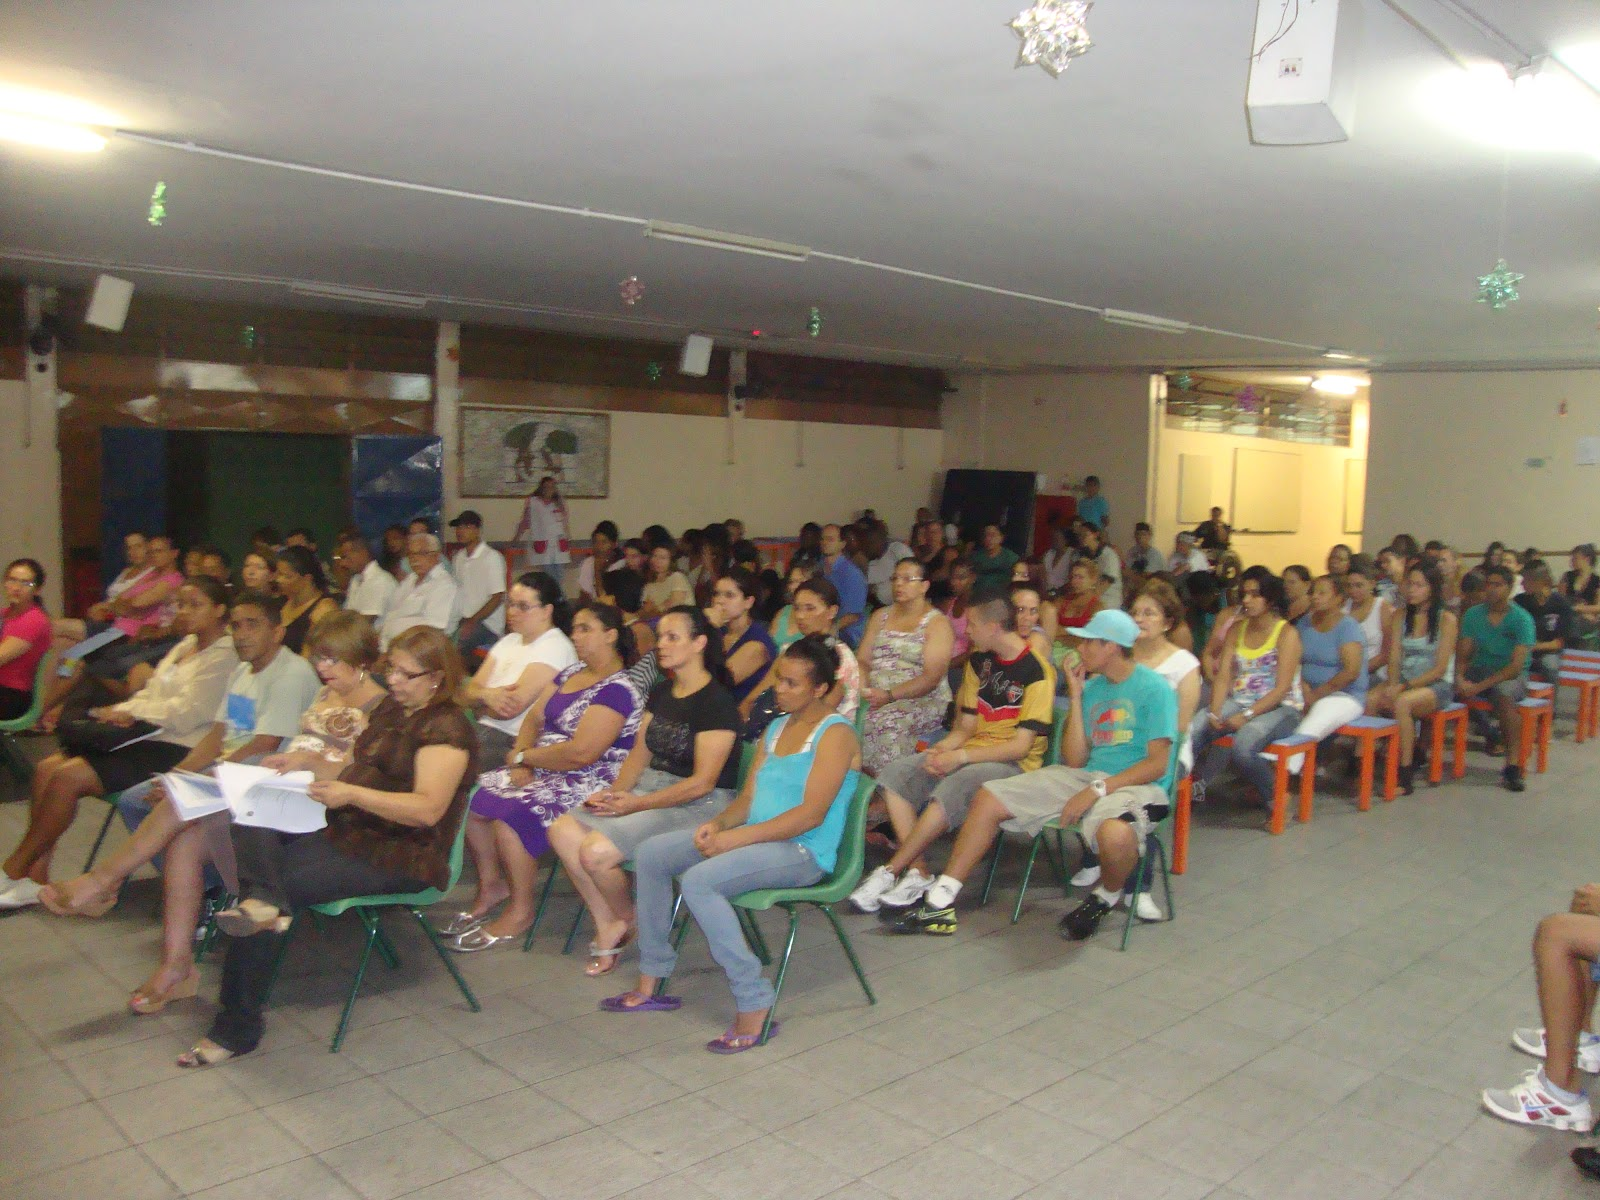 Reunião De Adultos Castro Verde-3585